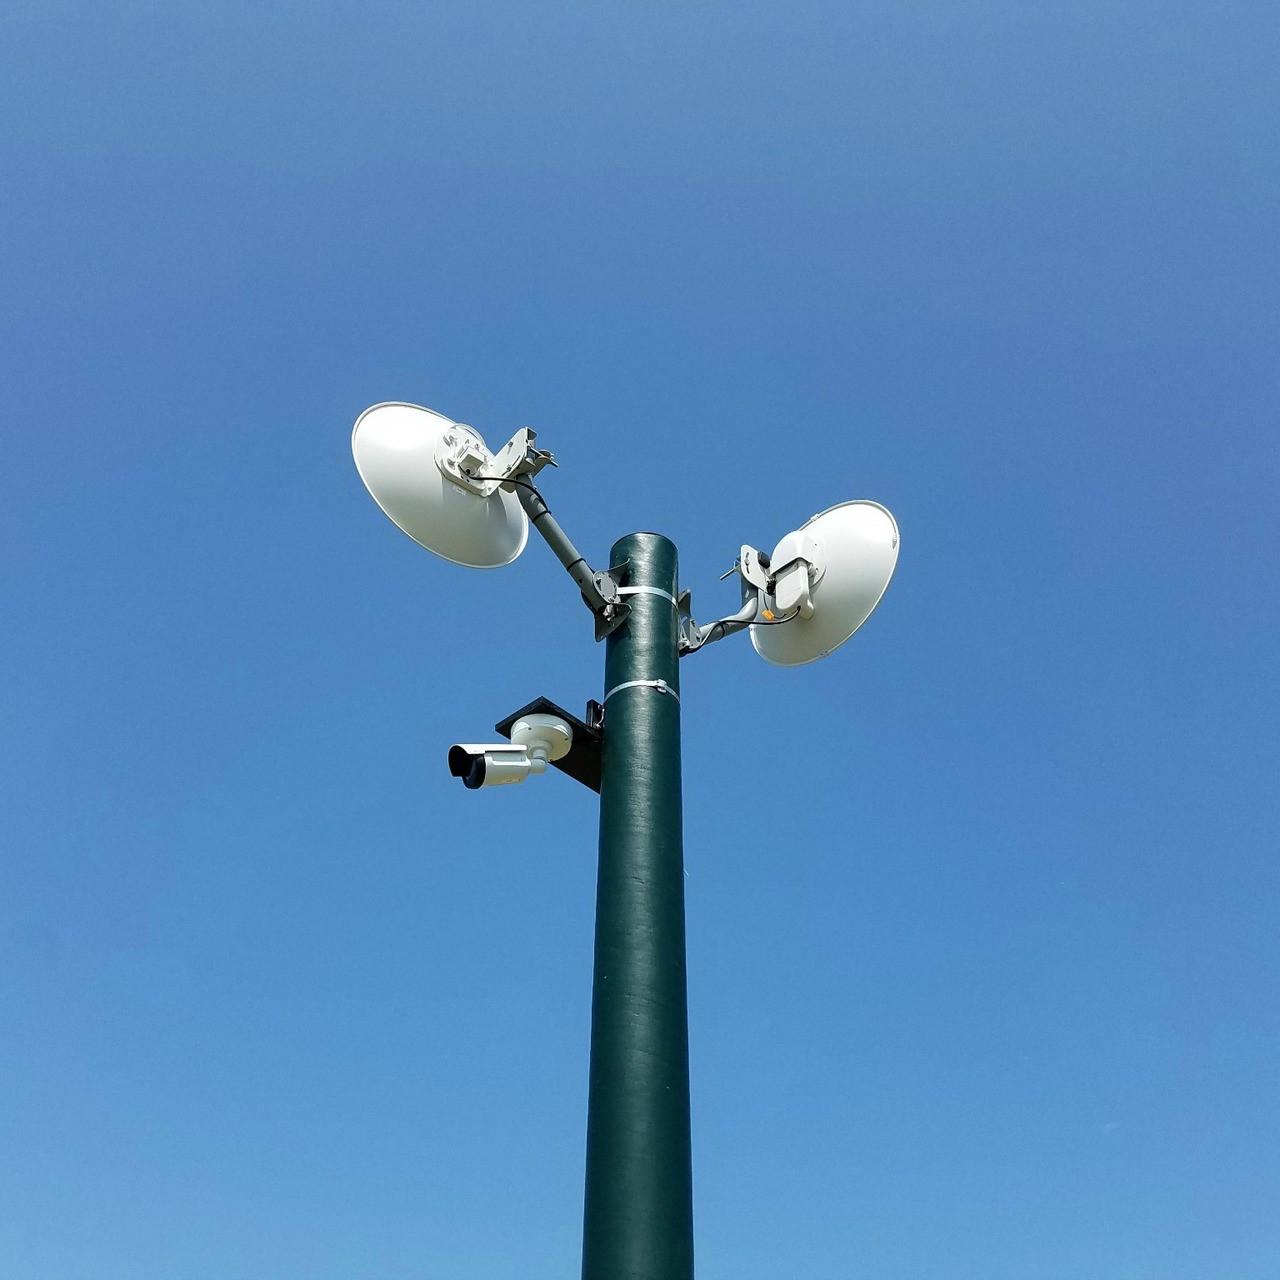 Light Poles Plus: #0842: Site Security Application